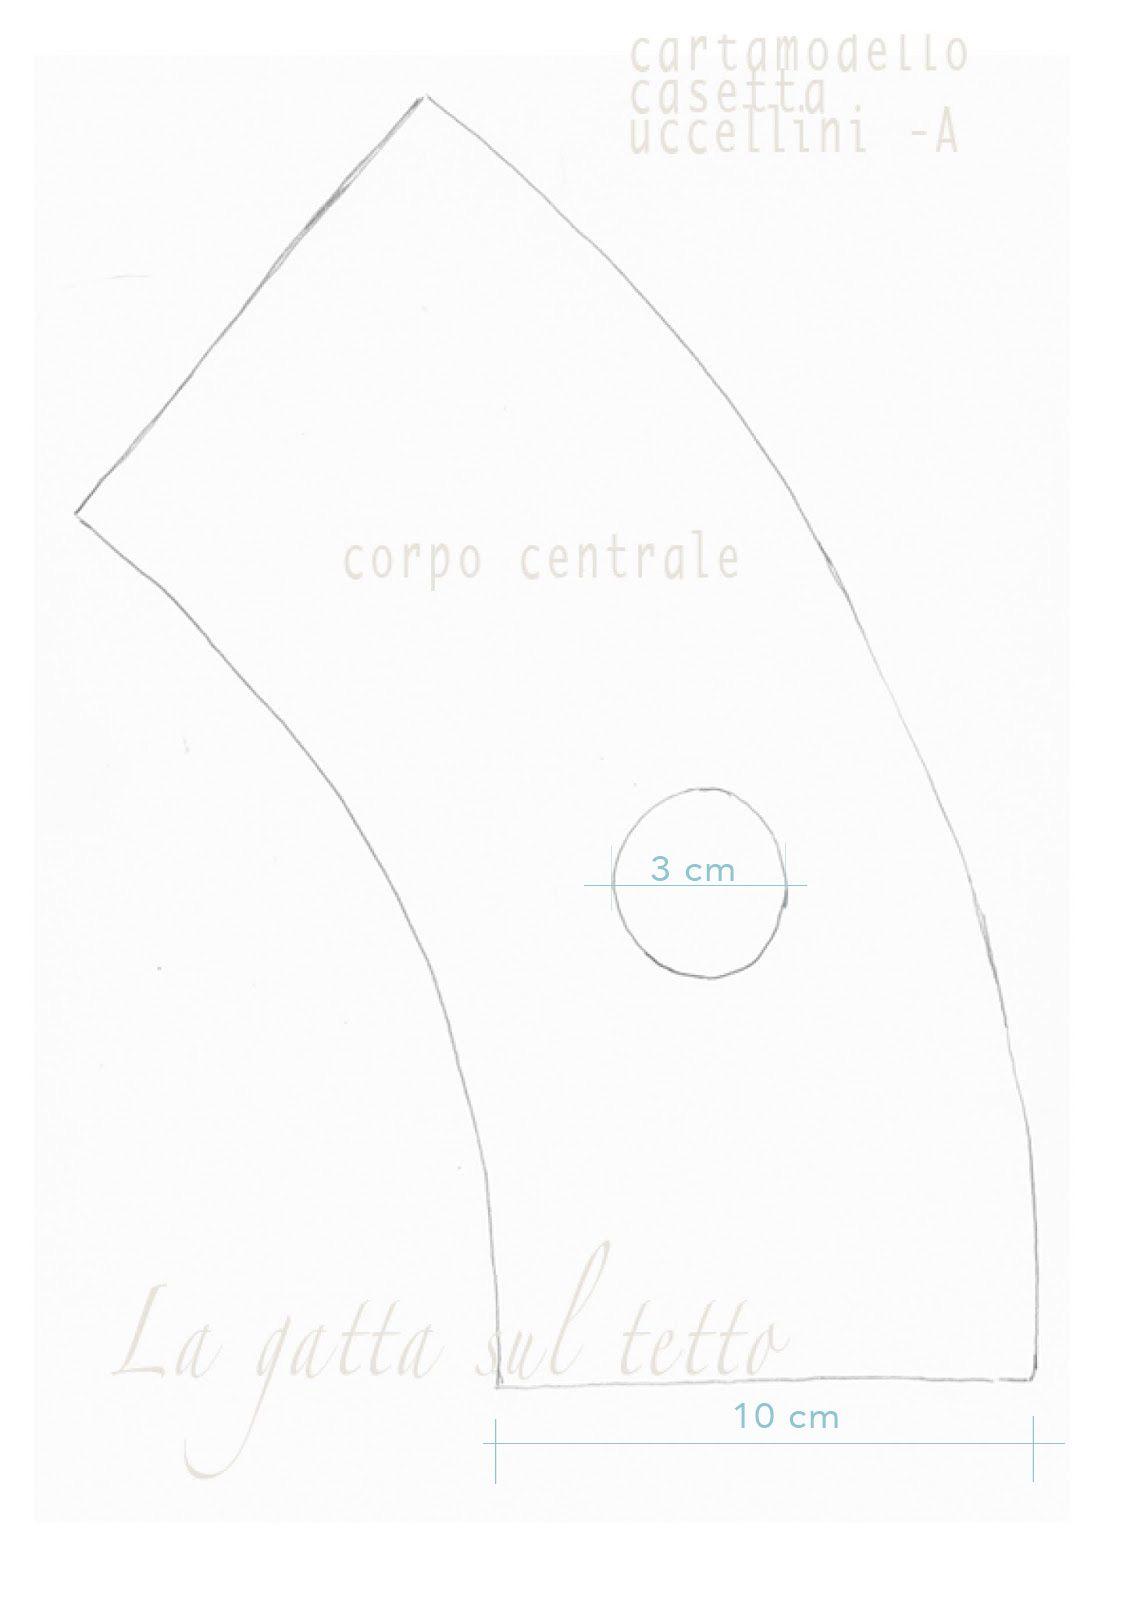 casetta-uccellini-A.jpg (1130×1600)